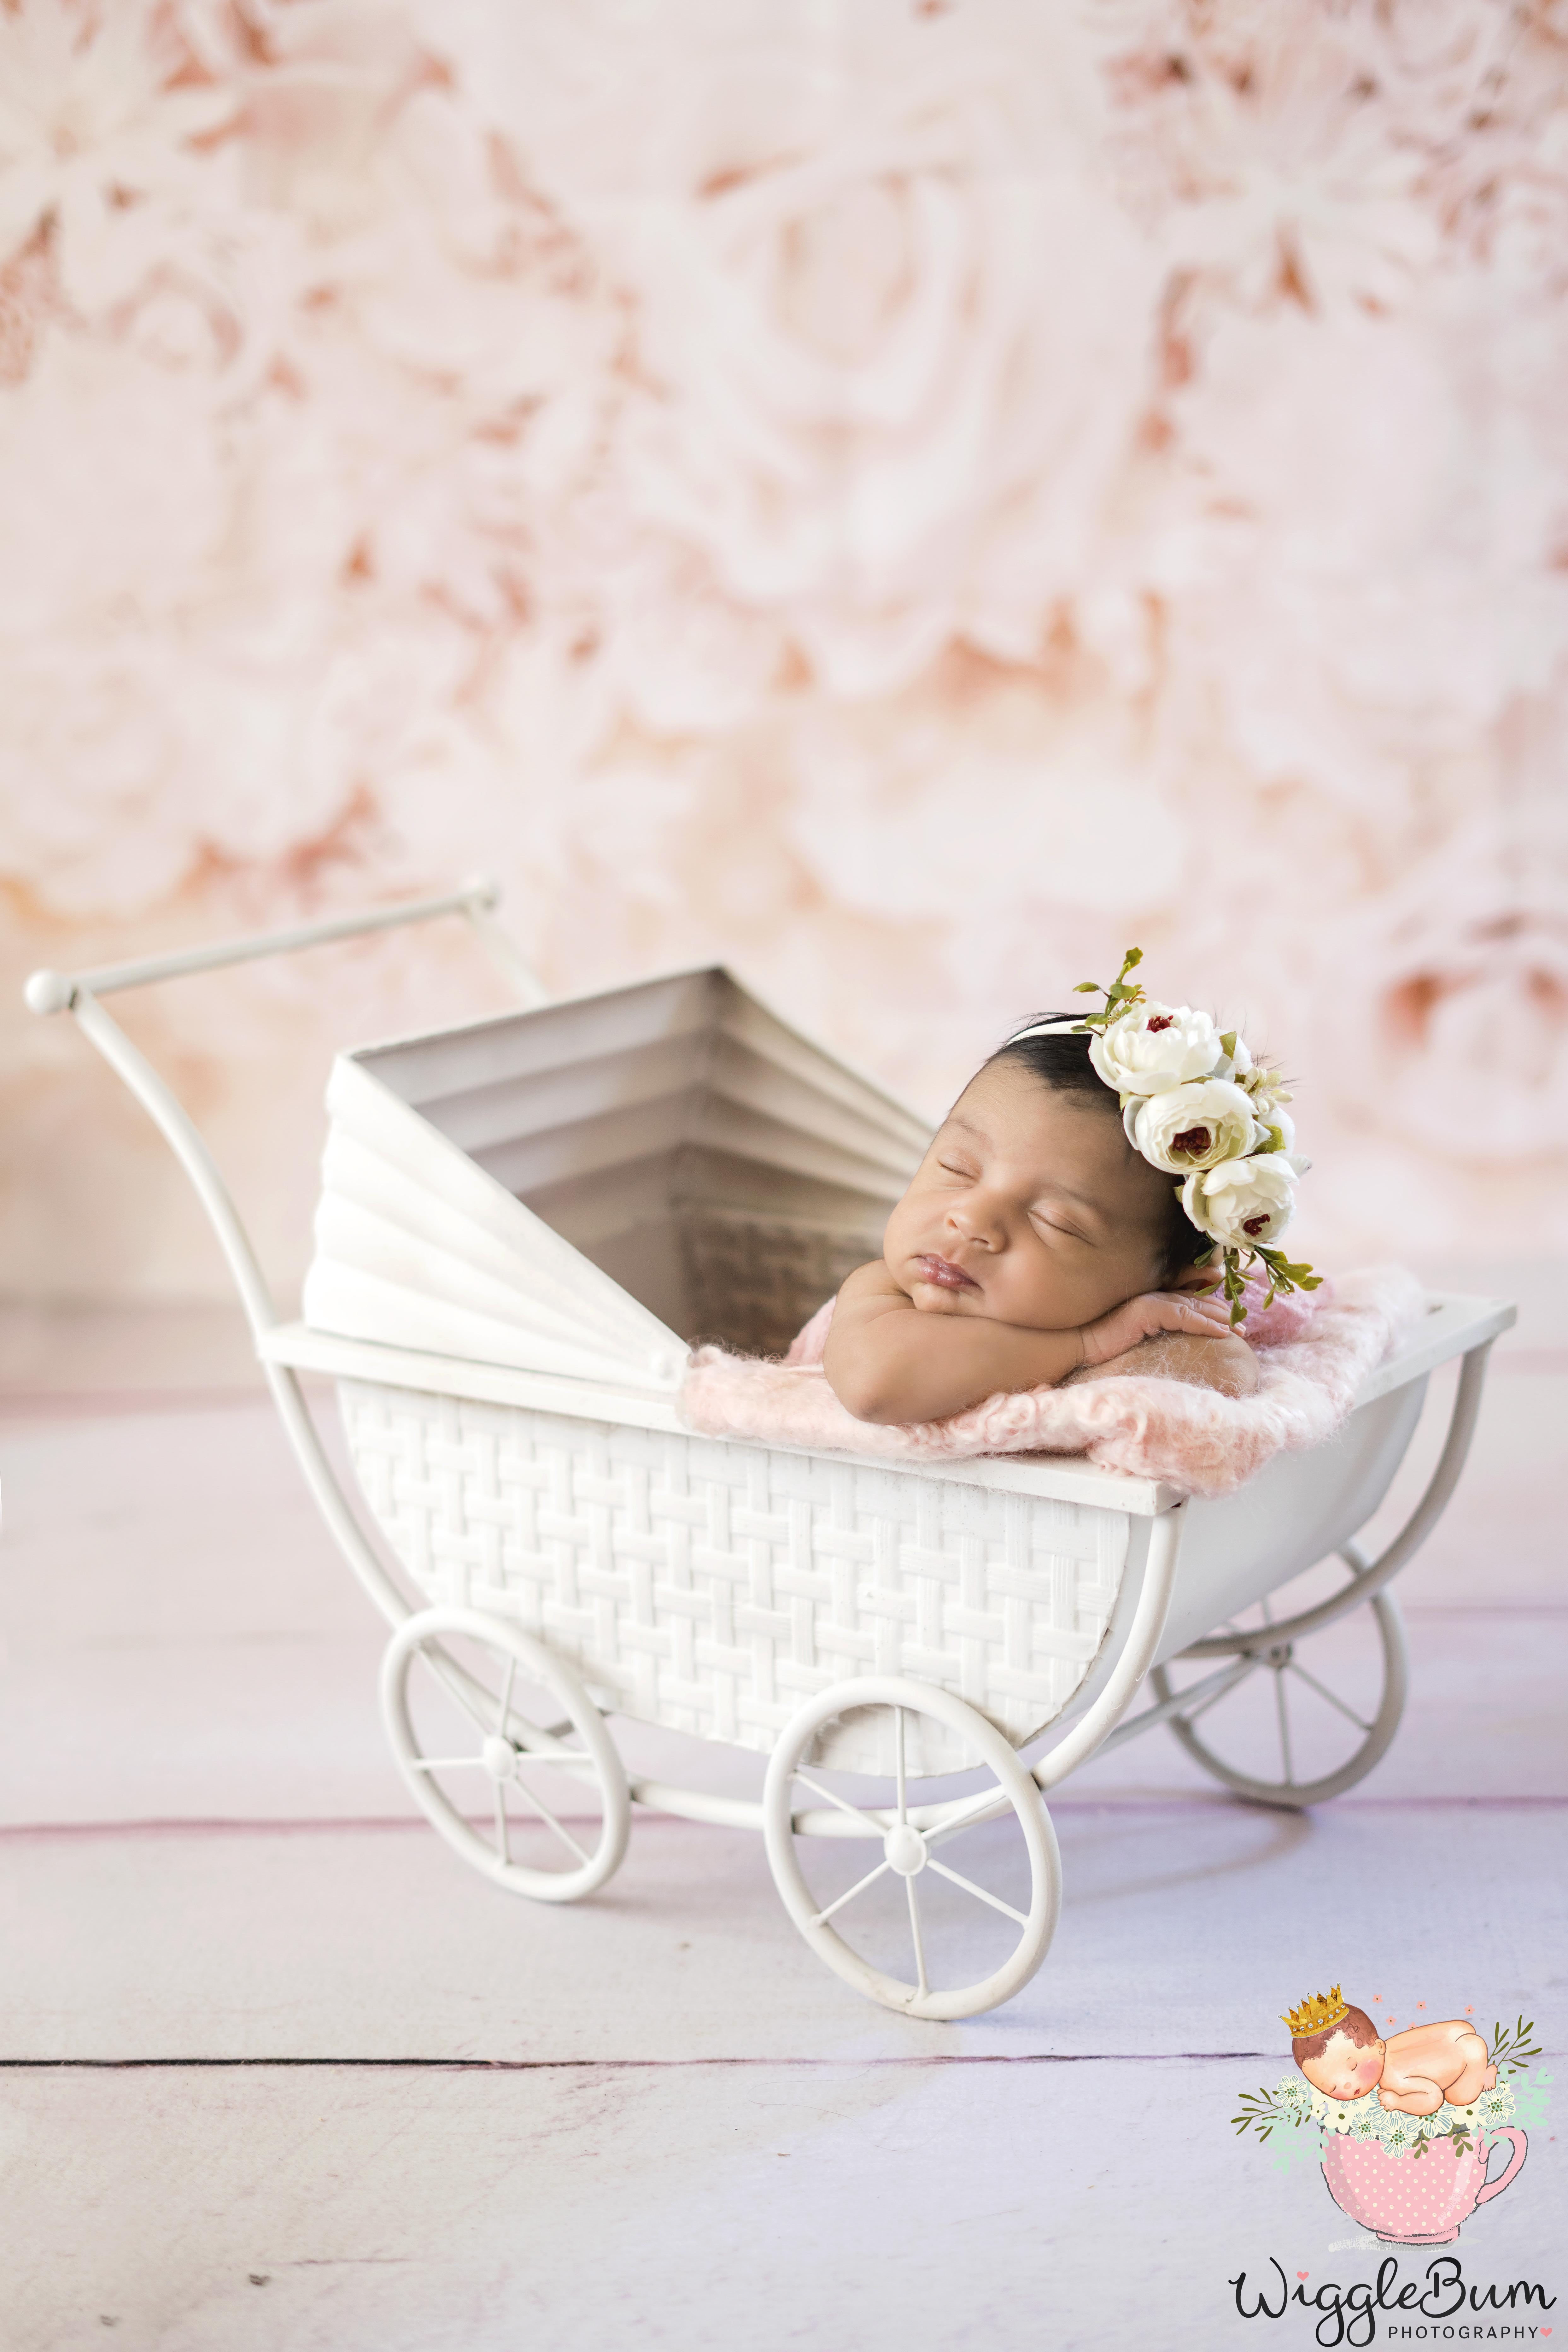 Wigglebum-infant-photography-newborn-India-Mumbai-best-top-prop-design-setup